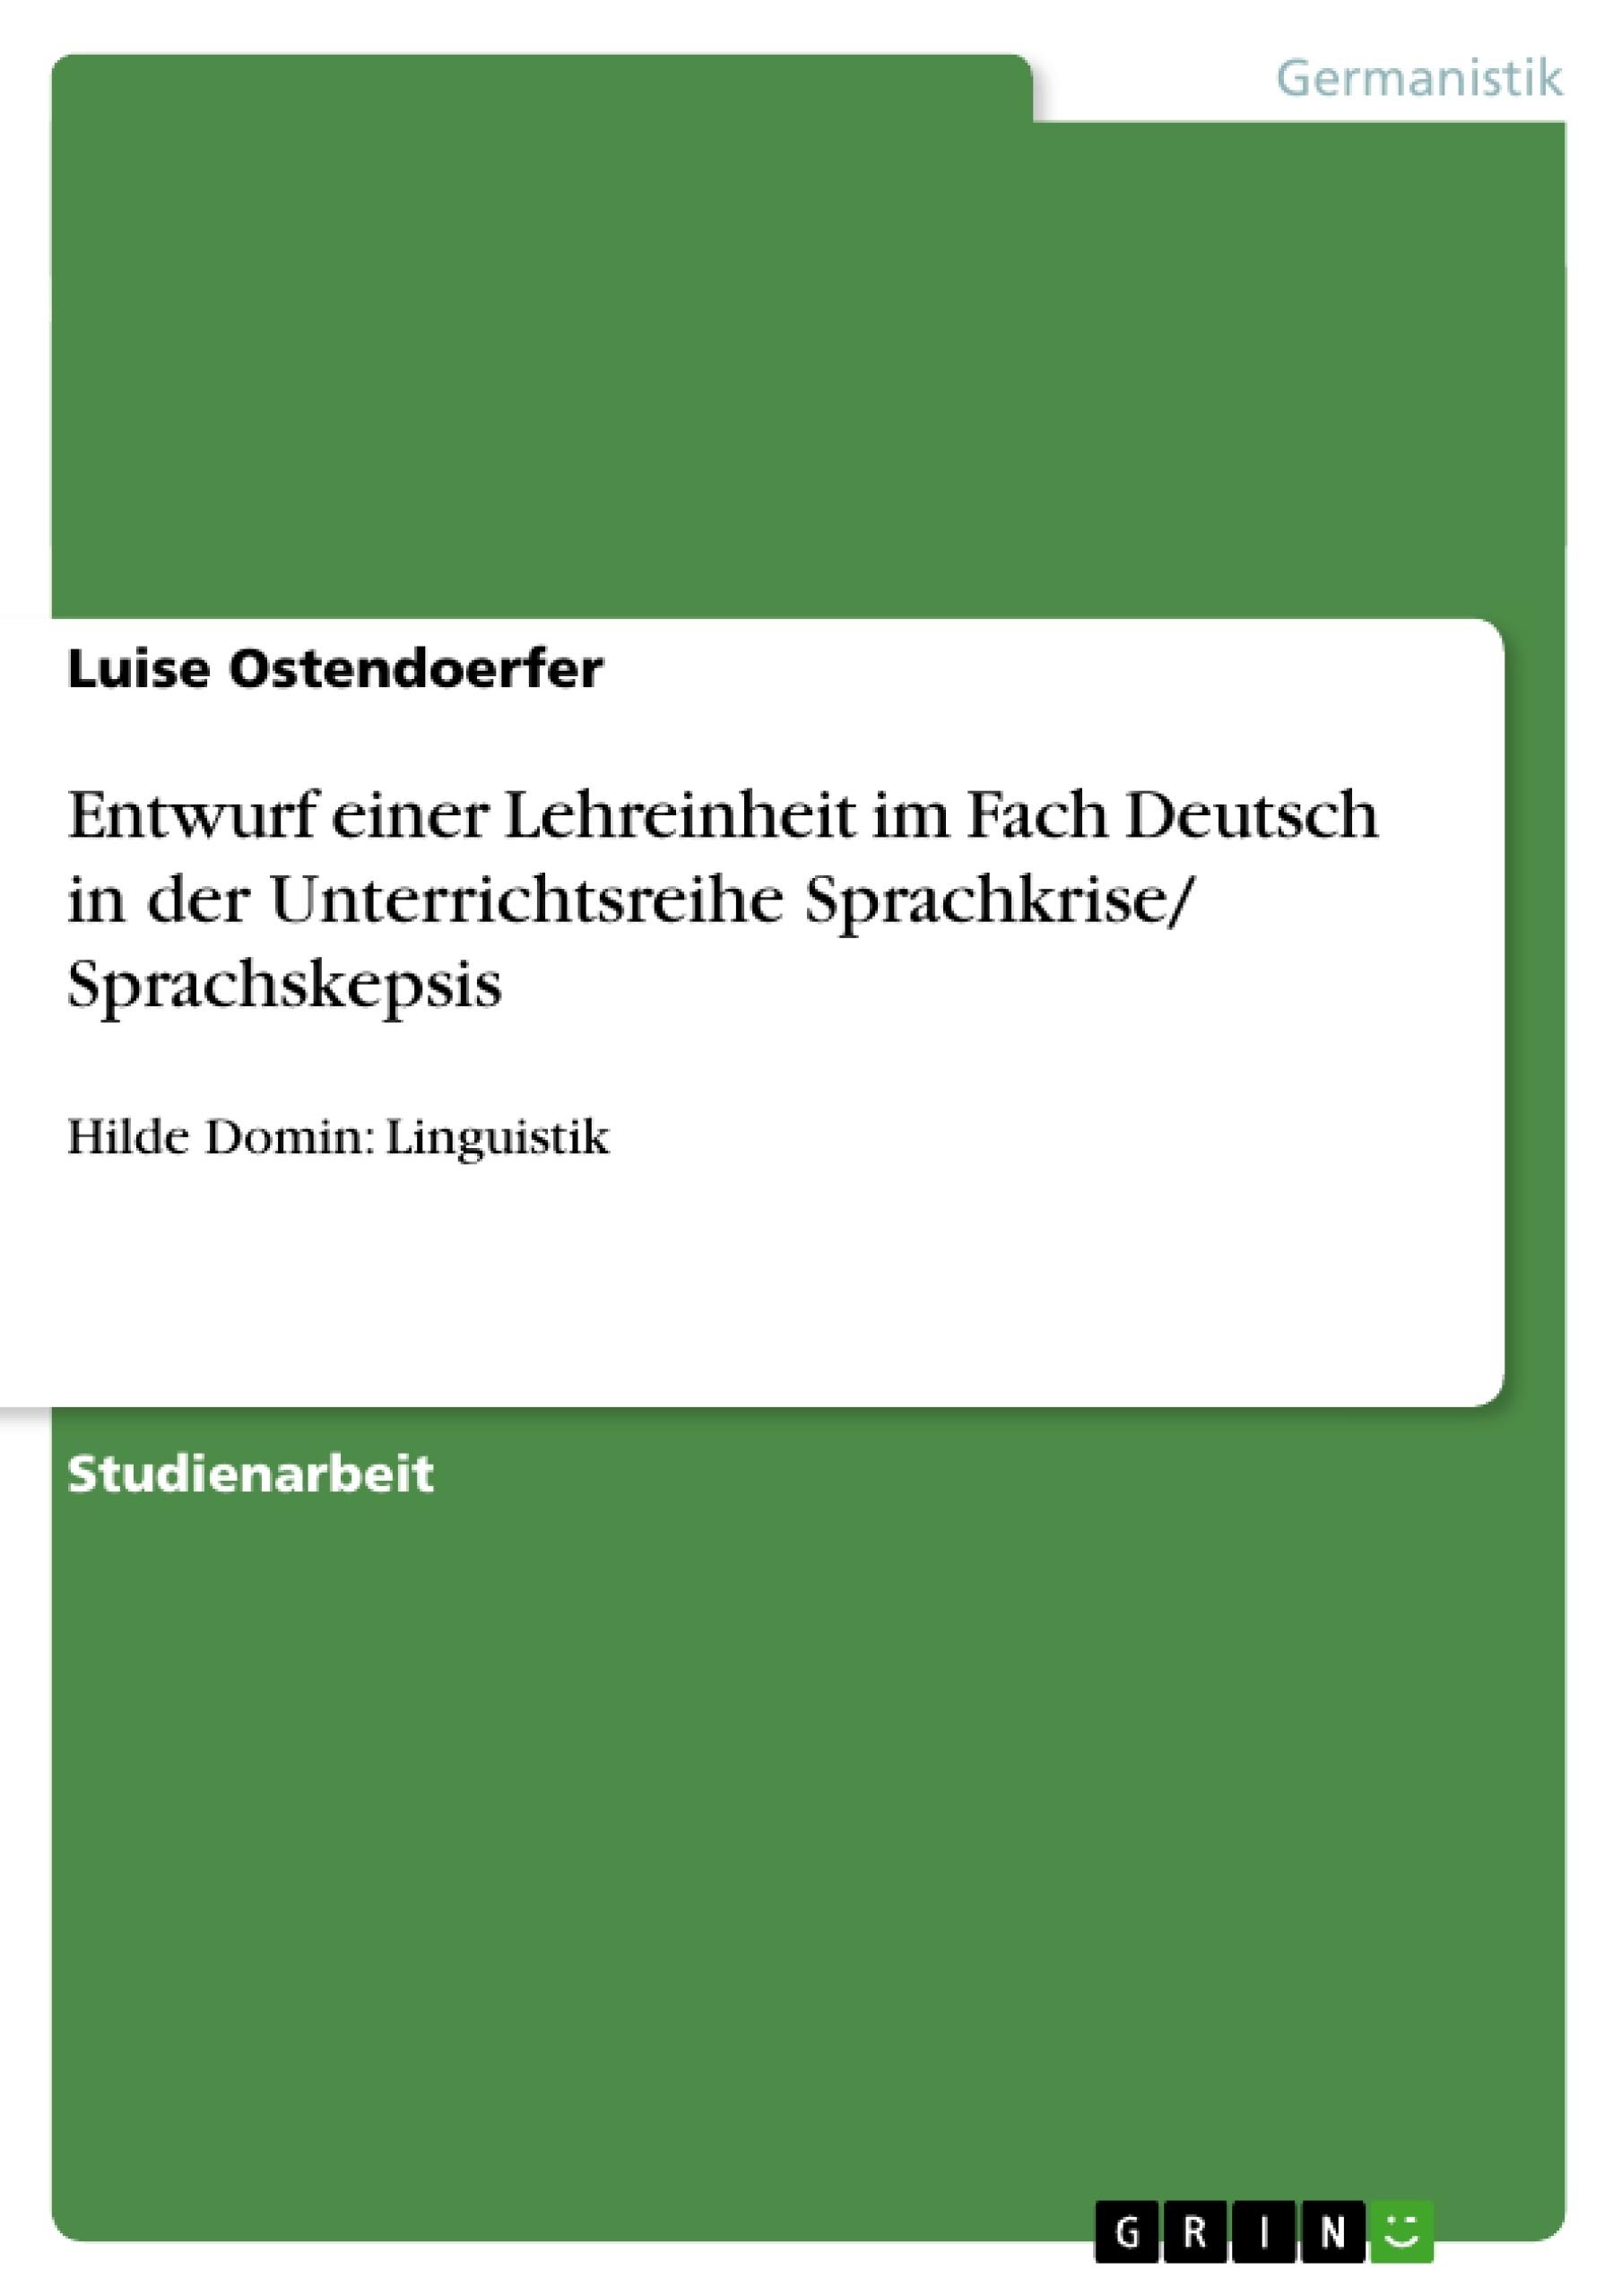 Titel: Entwurf einer Lehreinheit im Fach Deutsch in der Unterrichtsreihe Sprachkrise/ Sprachskepsis